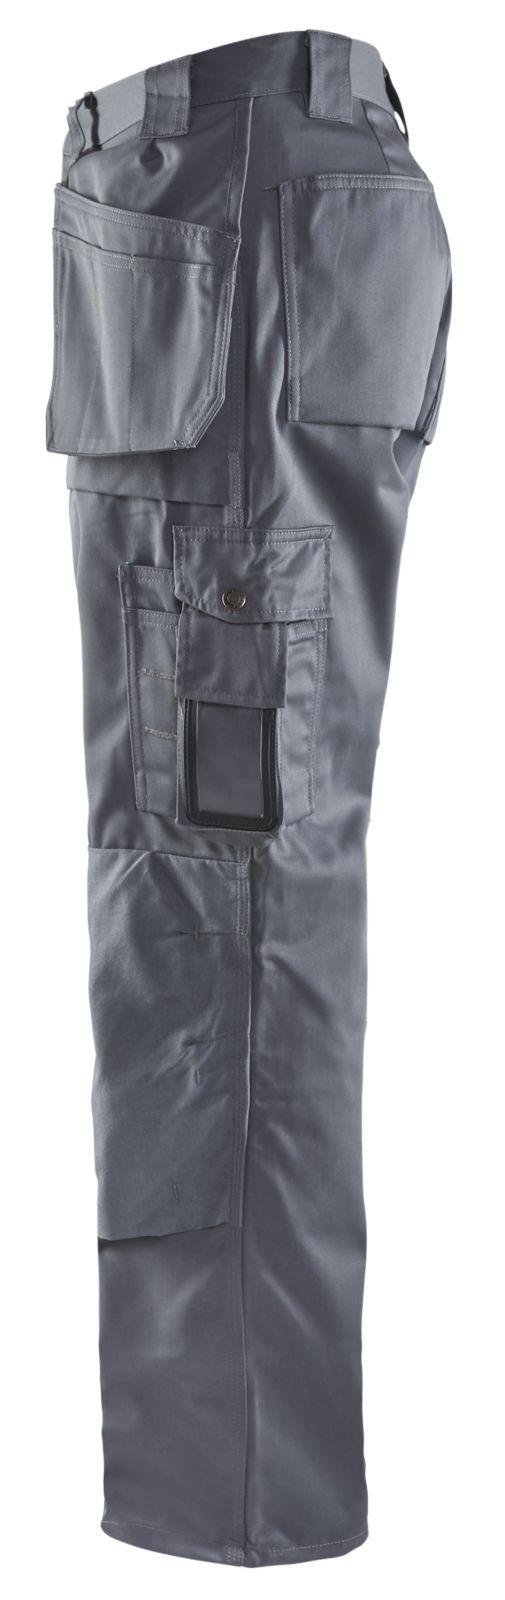 Blaklader Werkbroeken 15321860 grijs(9400)